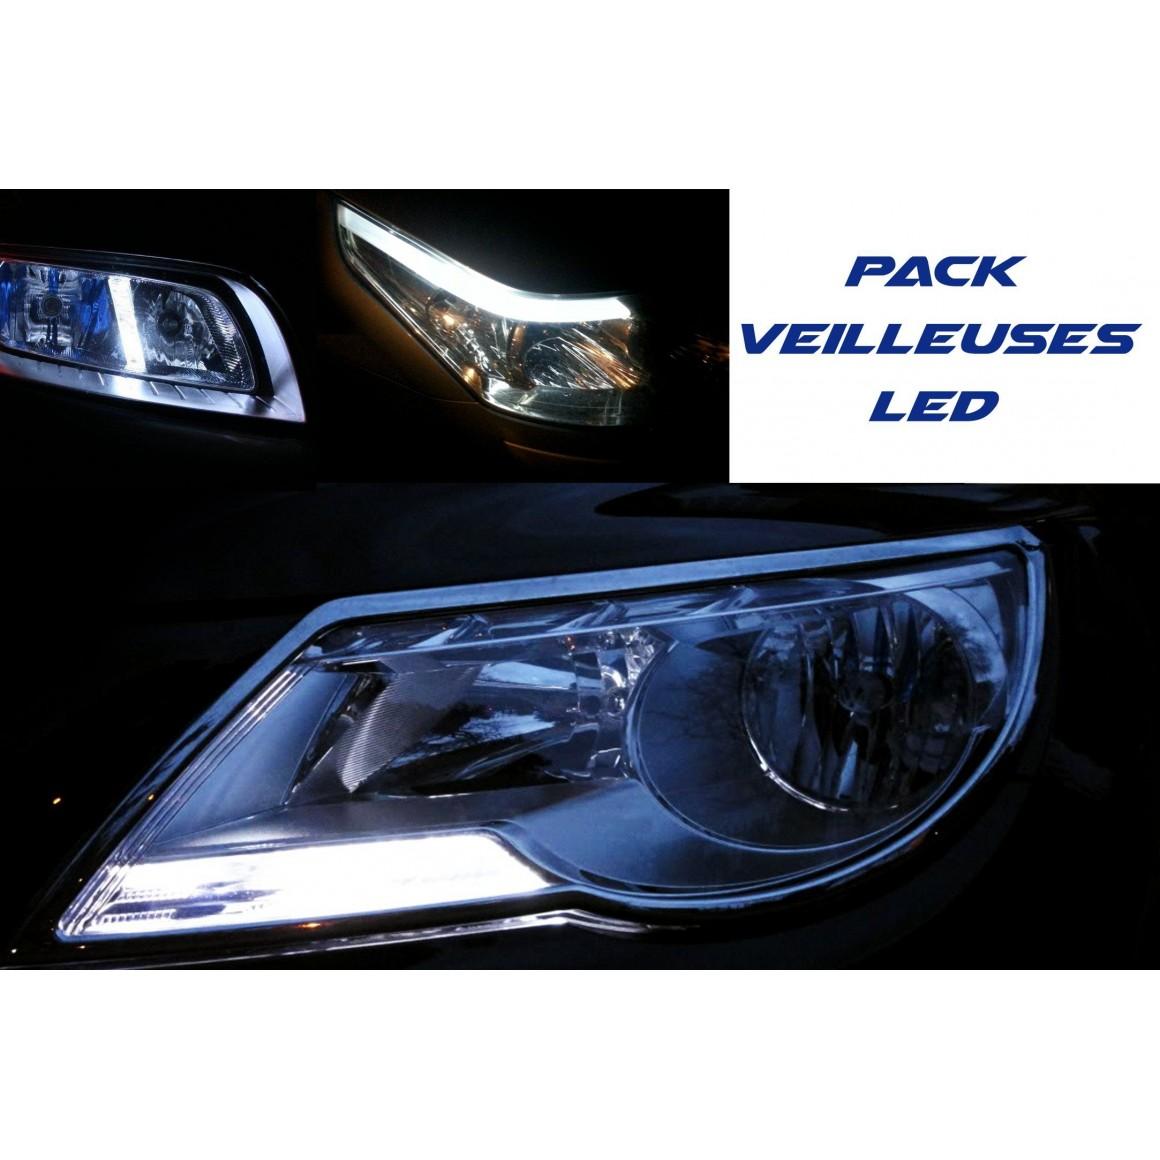 Pack Veilleuses LED pour Lexus - IS (XE30)